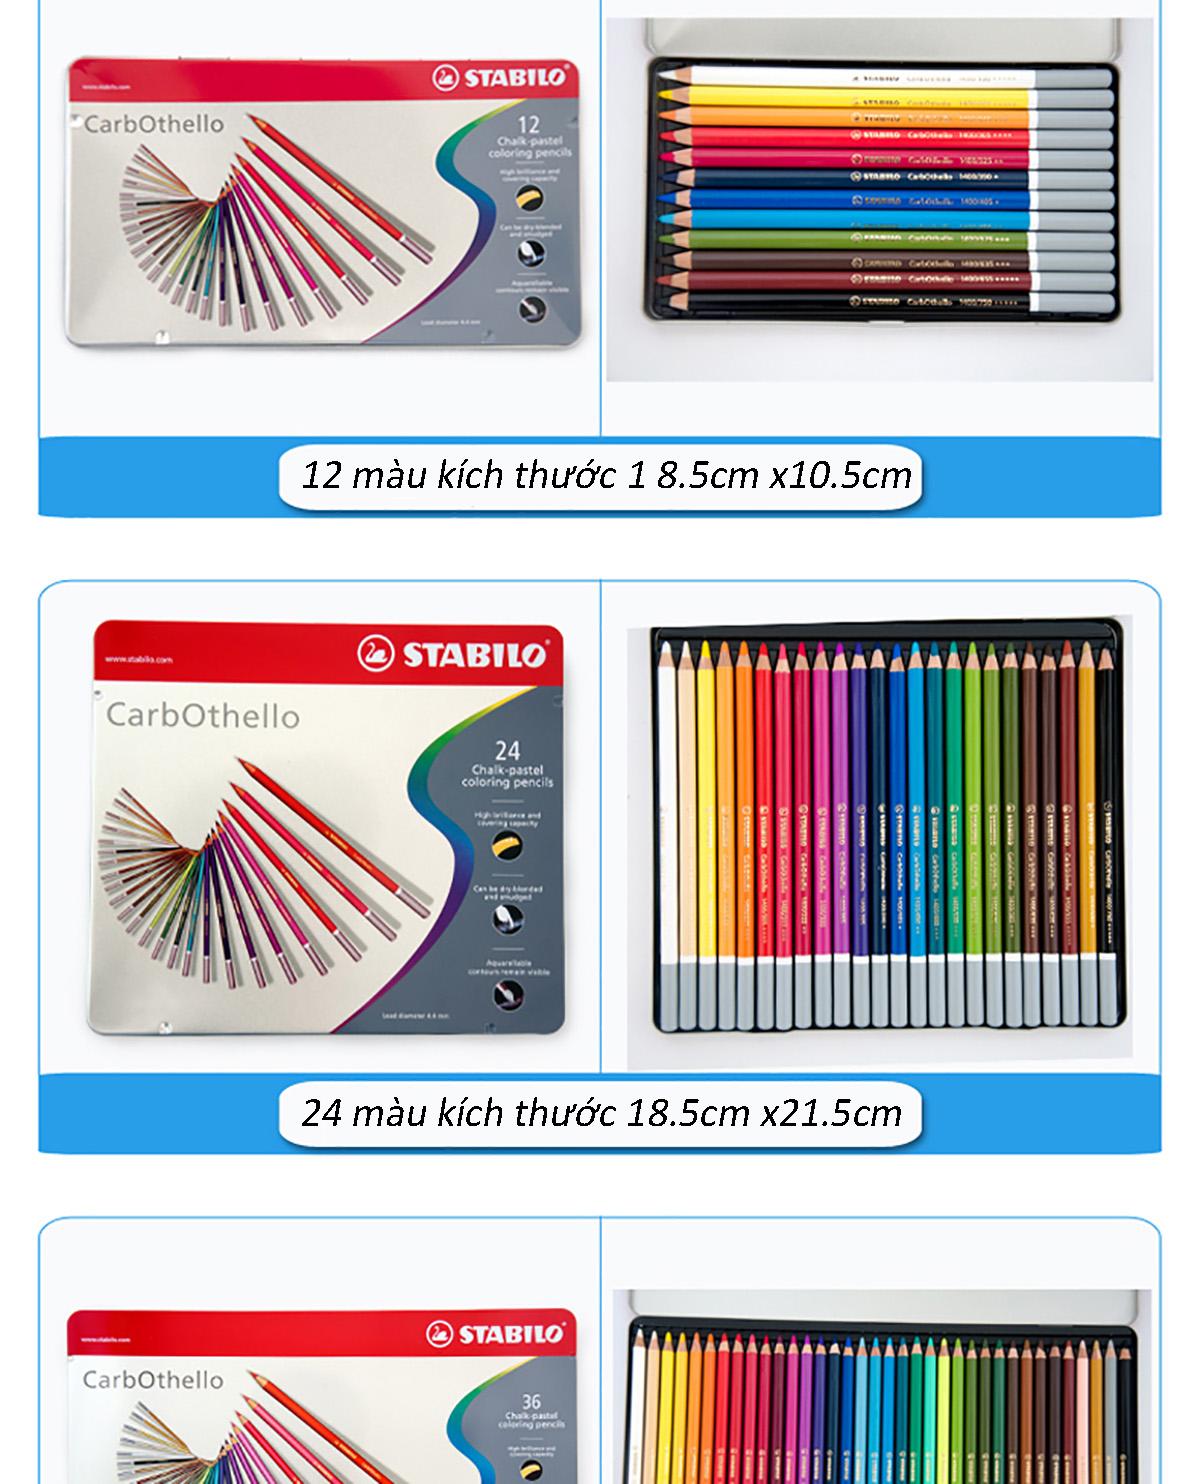 Bút chì màu đa năng STABILO CarbOthello (CLC14)